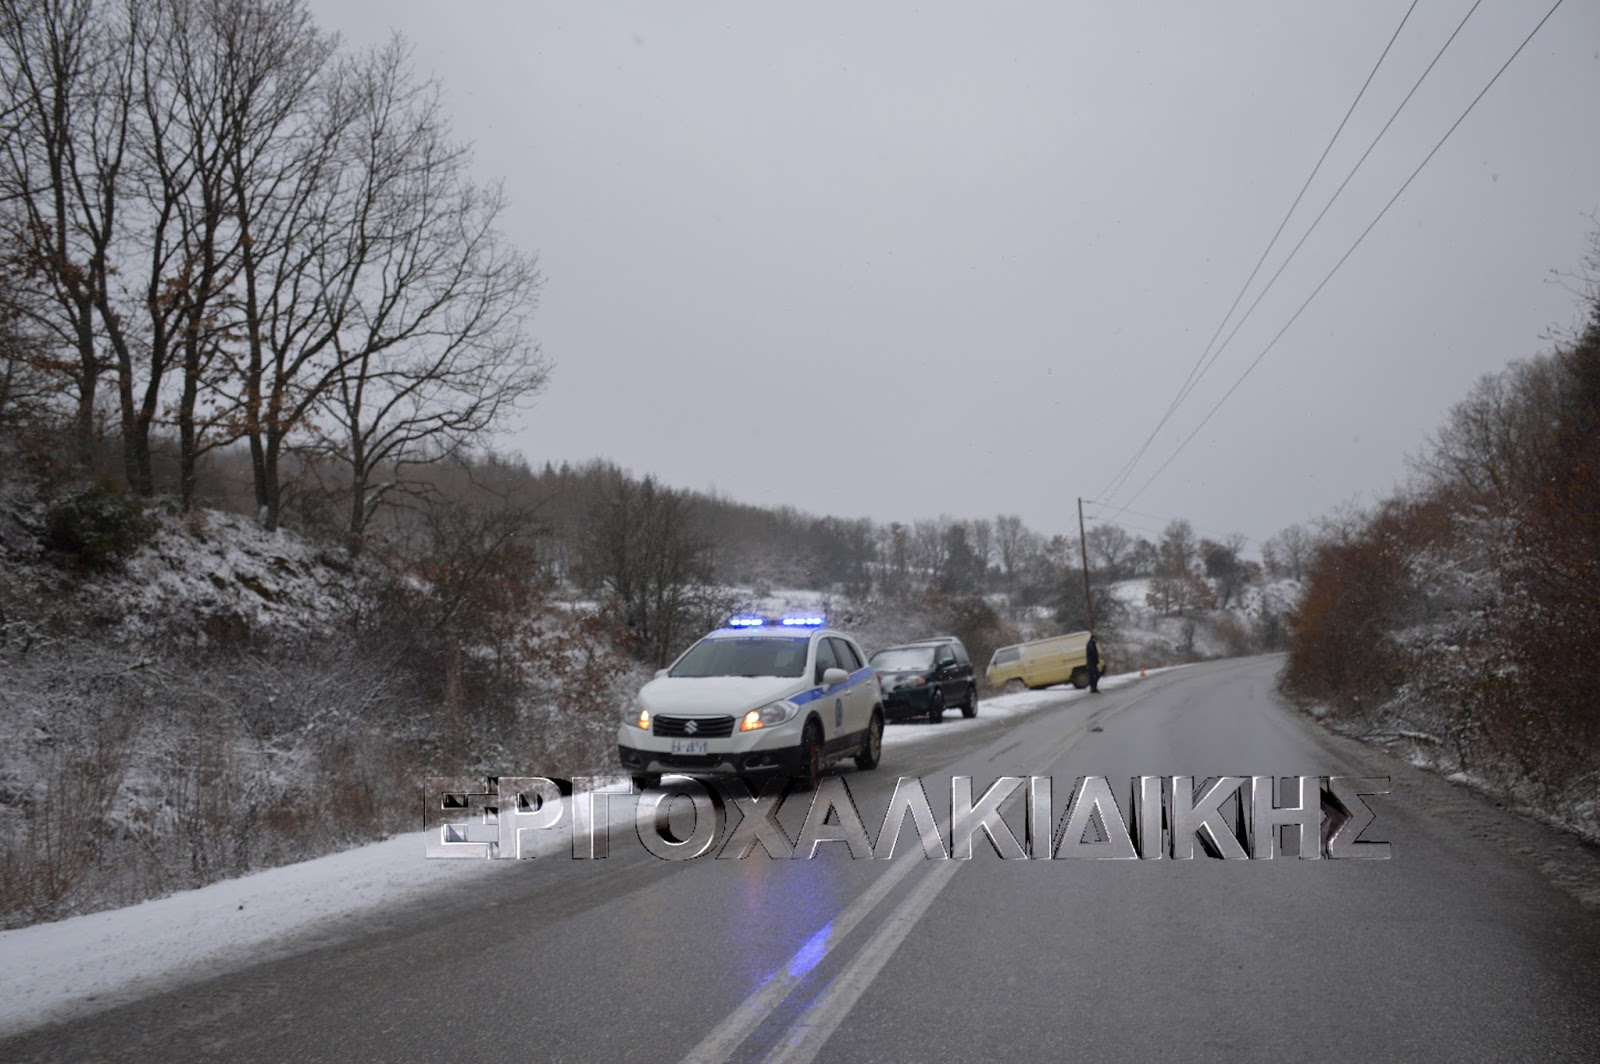 Μικροπροβλήματα στην κυκλοφορία από το χιόνι  (βίντεο φωτο)